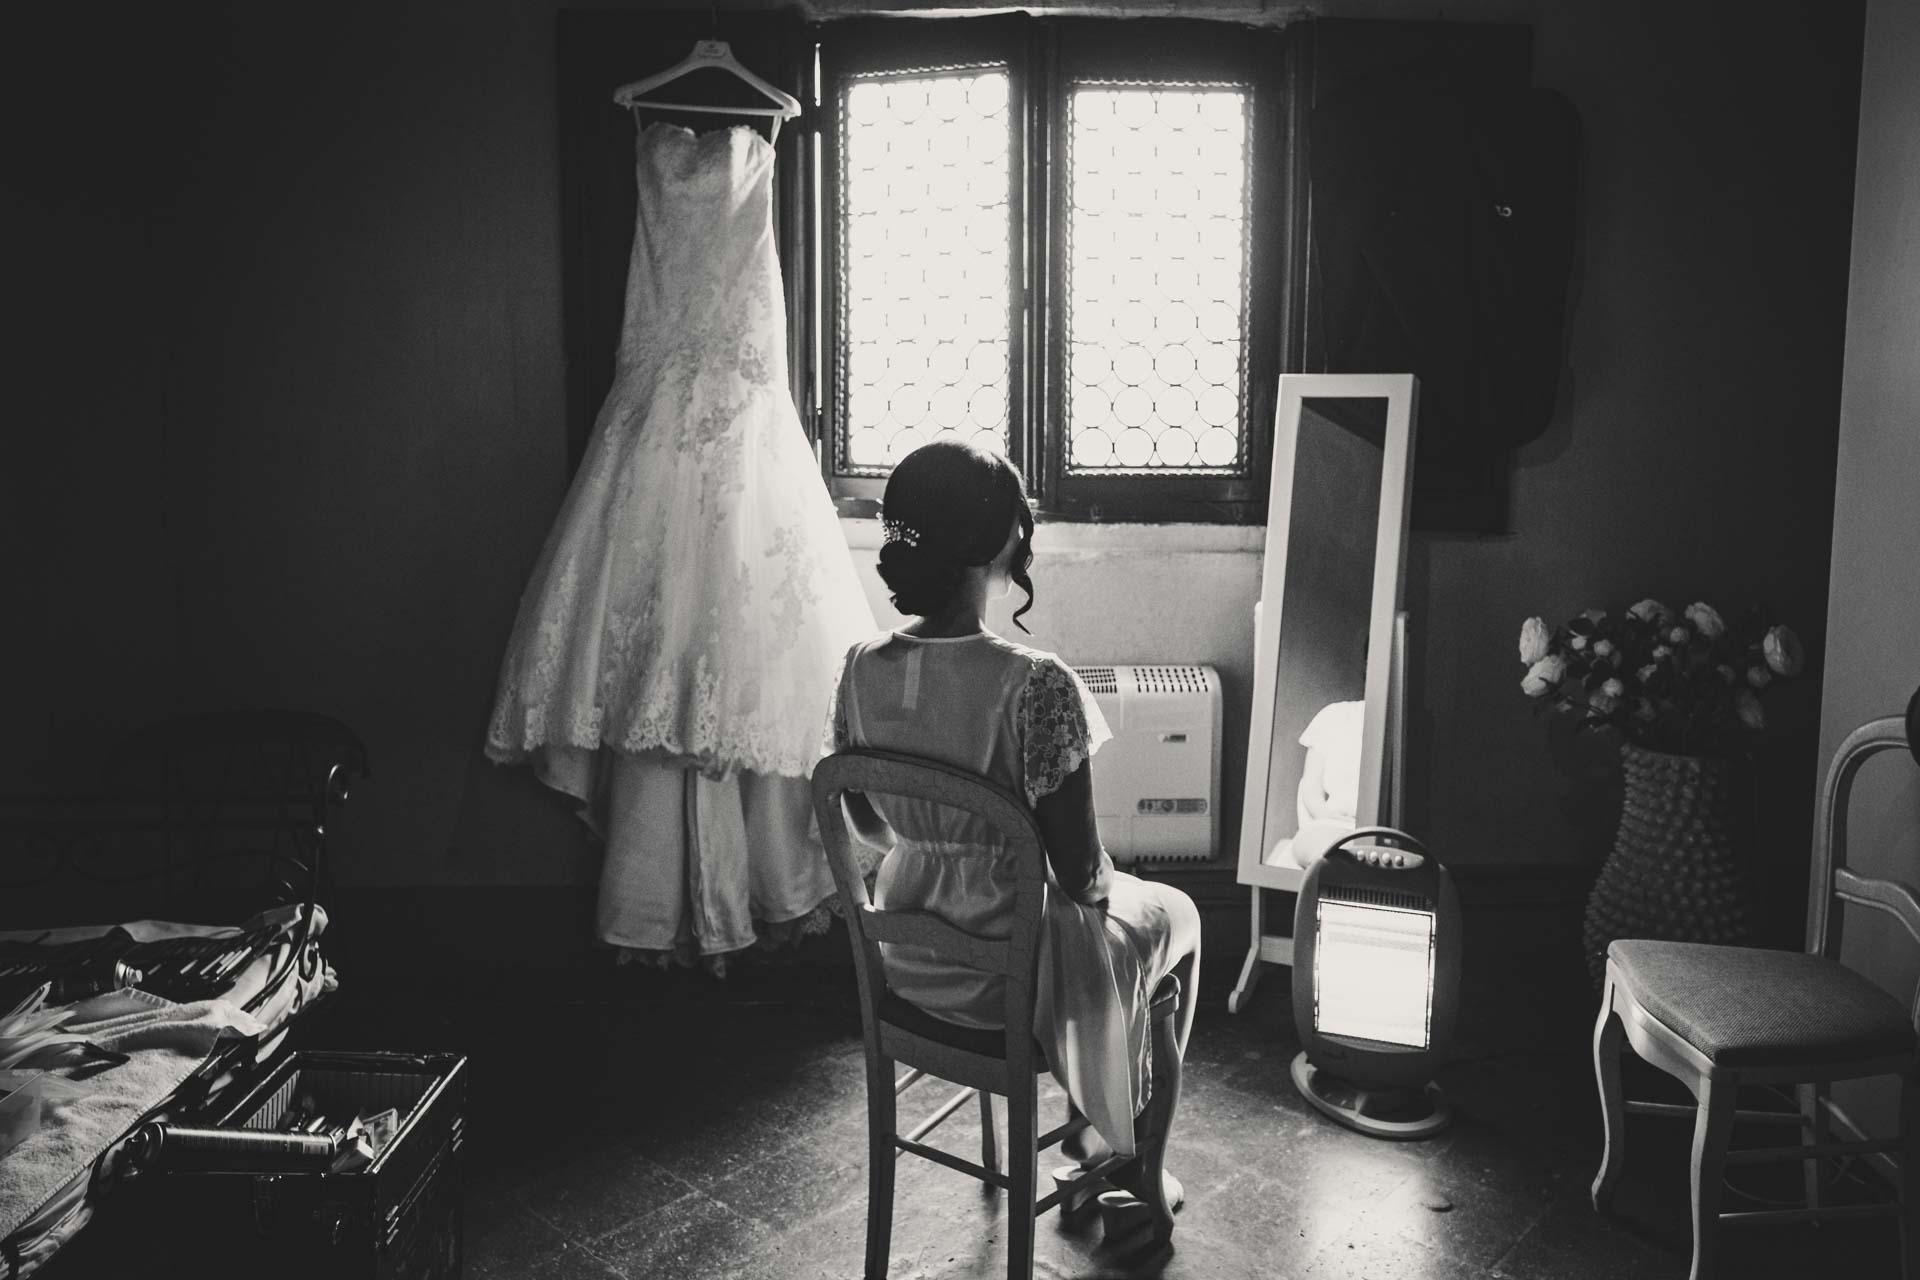 sposa abito sedia finestra specchio bianco nero